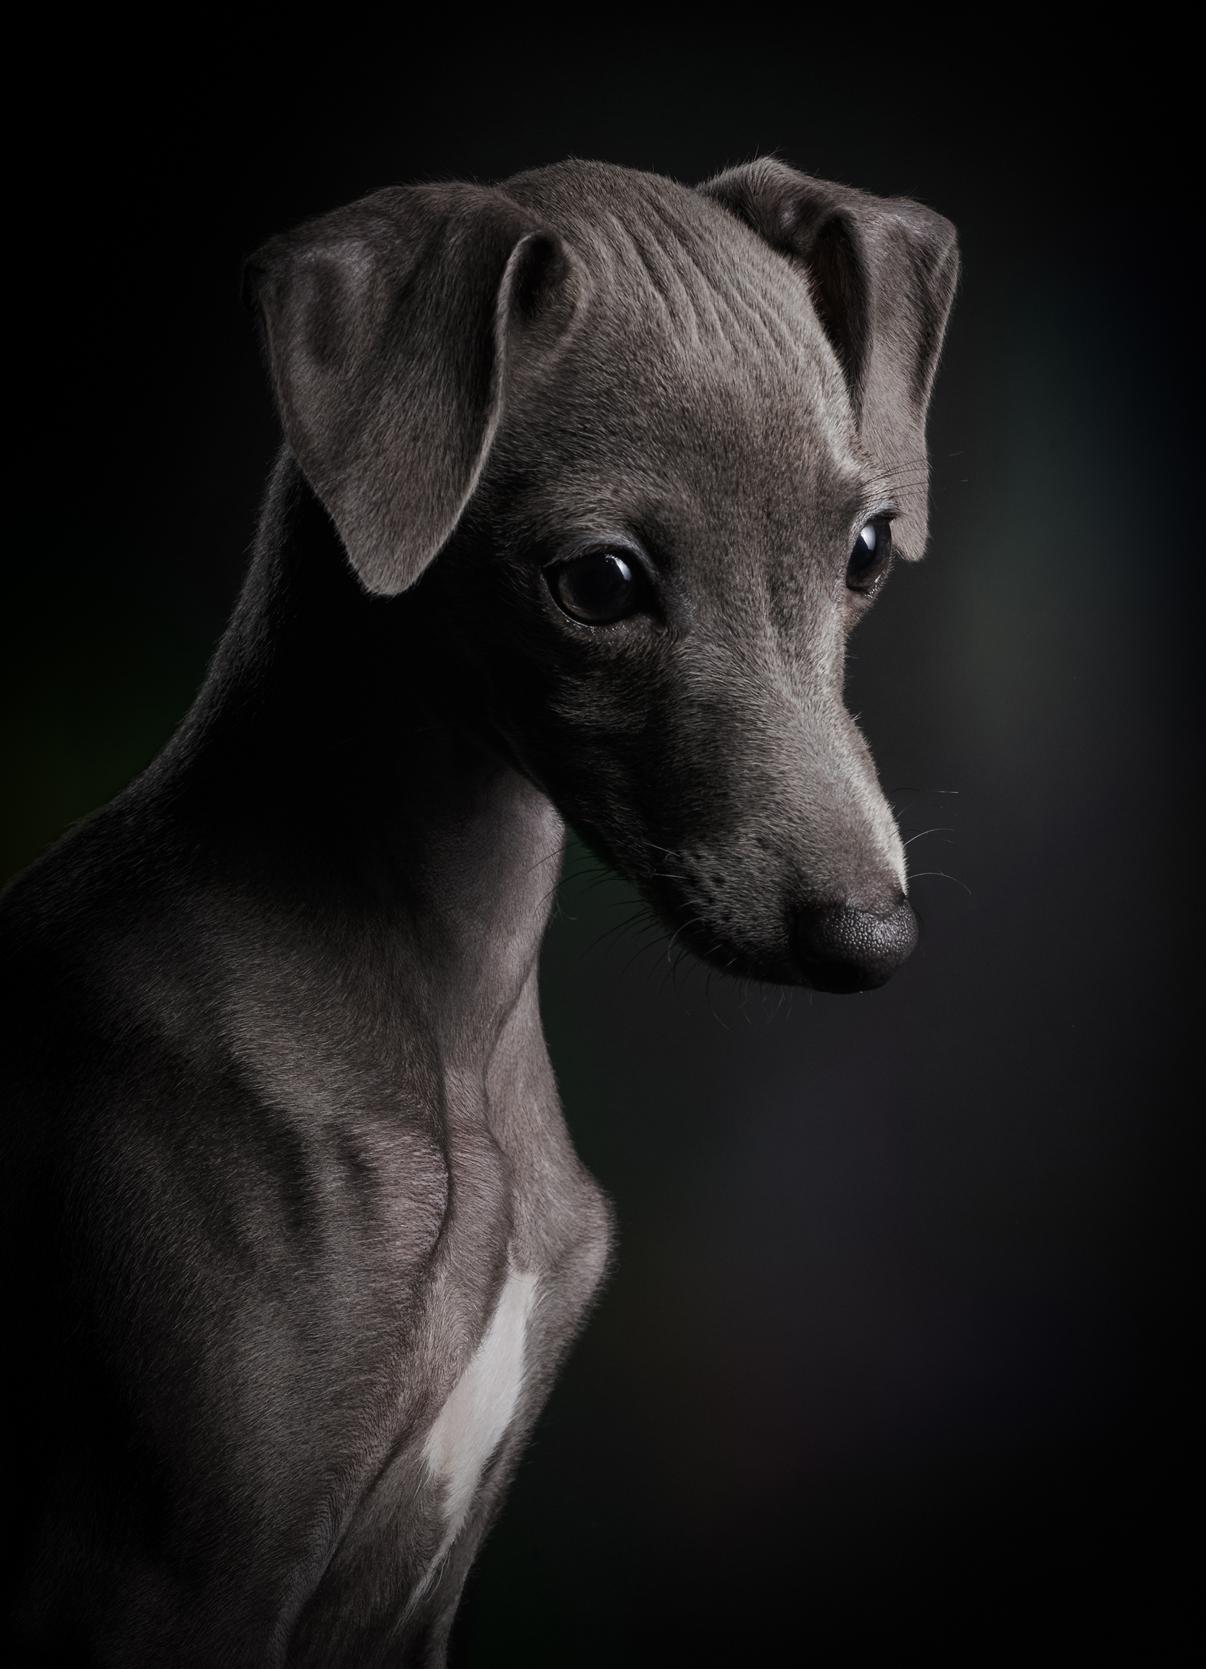 Πρώτη θέση στην κατηγορία «Κουτάβια». Σύμφωνα με τον φωτογράφο Κλάους Ντίμπα, το μόλις τριών μηνών ιταλικό greyhound έχει όλη τη ζωή μπροστά του και αυτό φαίνεται στην έκφρασή του